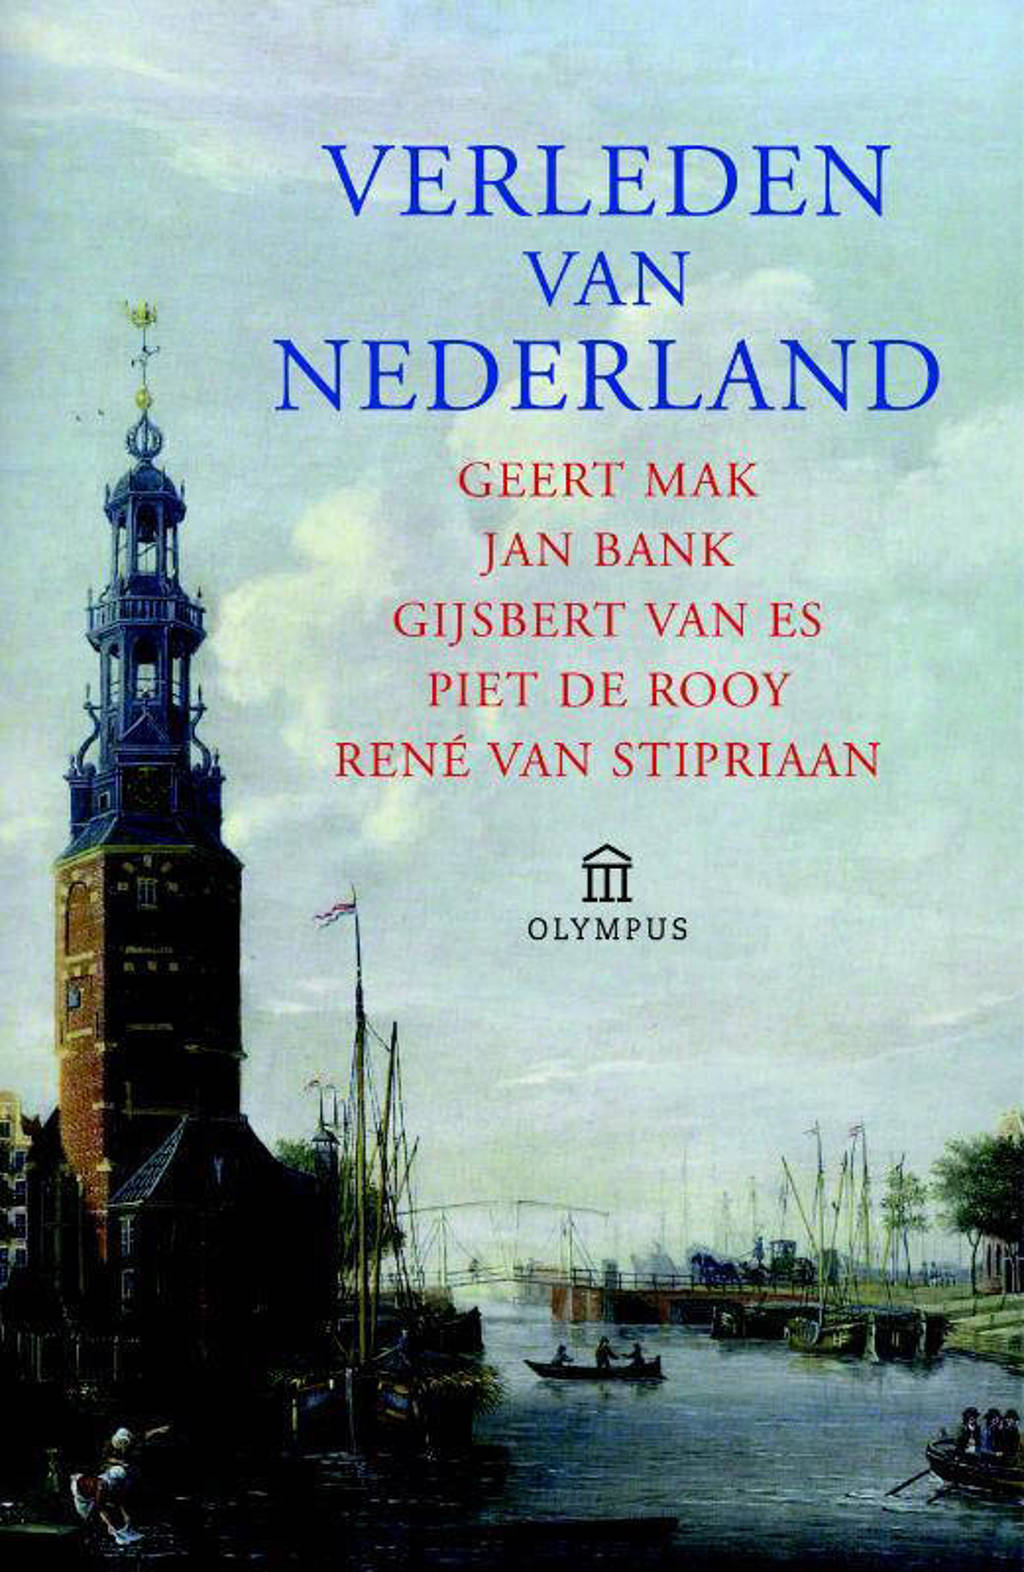 Verleden van Nederland - Geert Mak, Jan Bank, Gijsbert van Es, e.a.